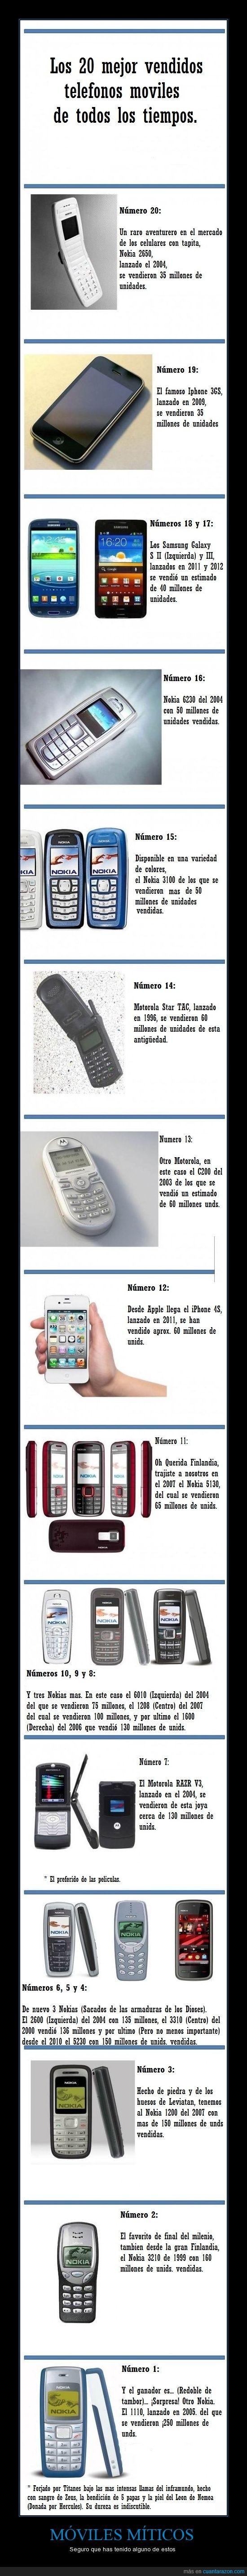 iphone,millones,movil,nokia,rankin,samsung,unidad,vendido